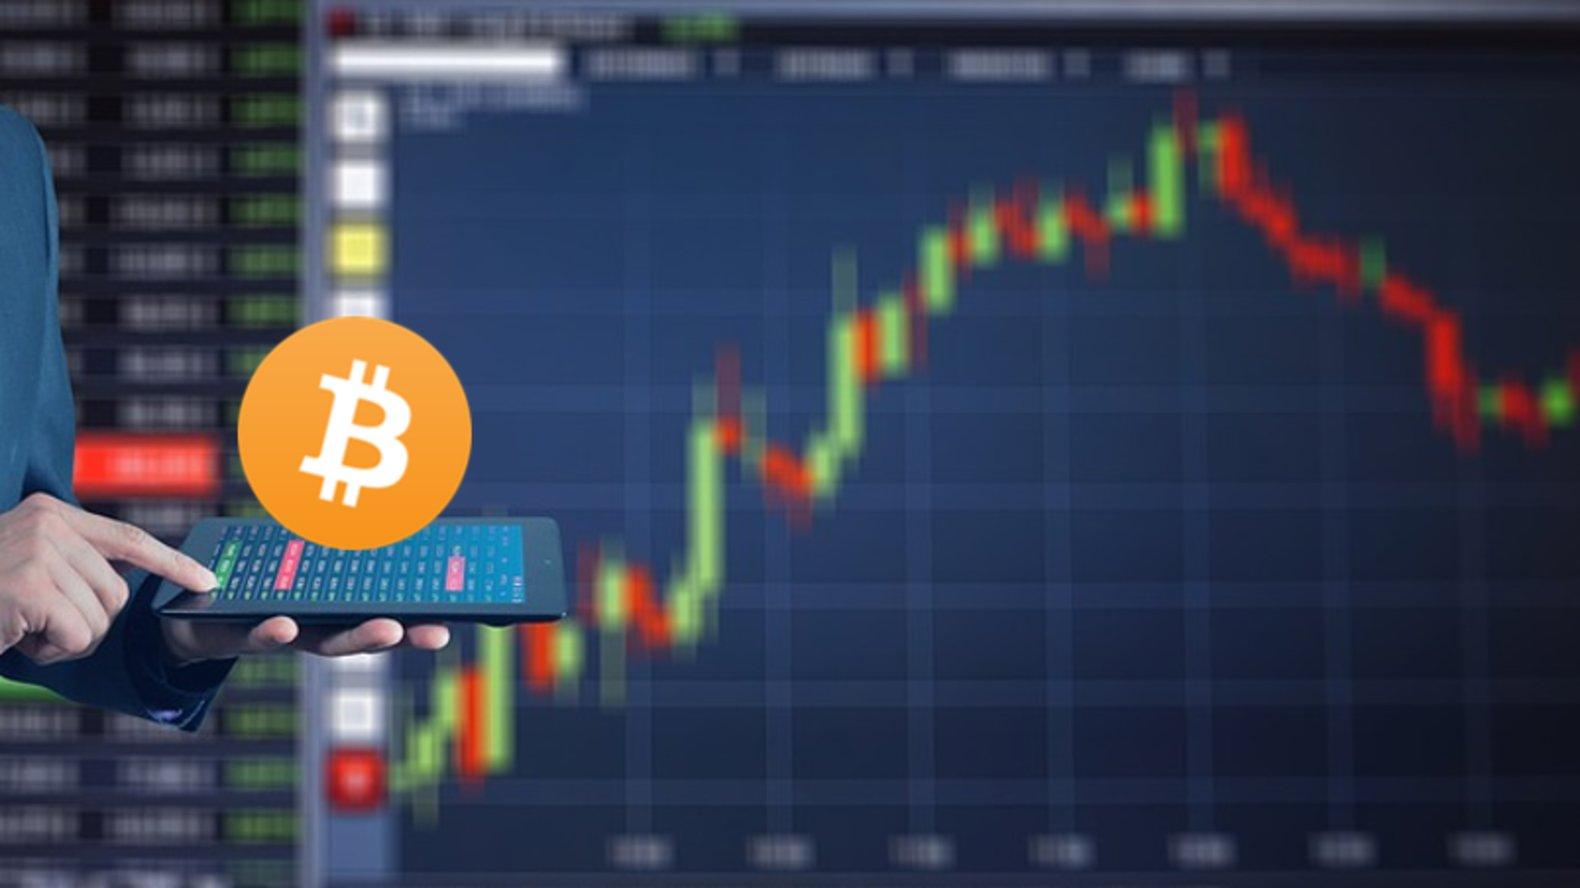 Bitcoinden BTC Beklenen Bir Sonraki Adım